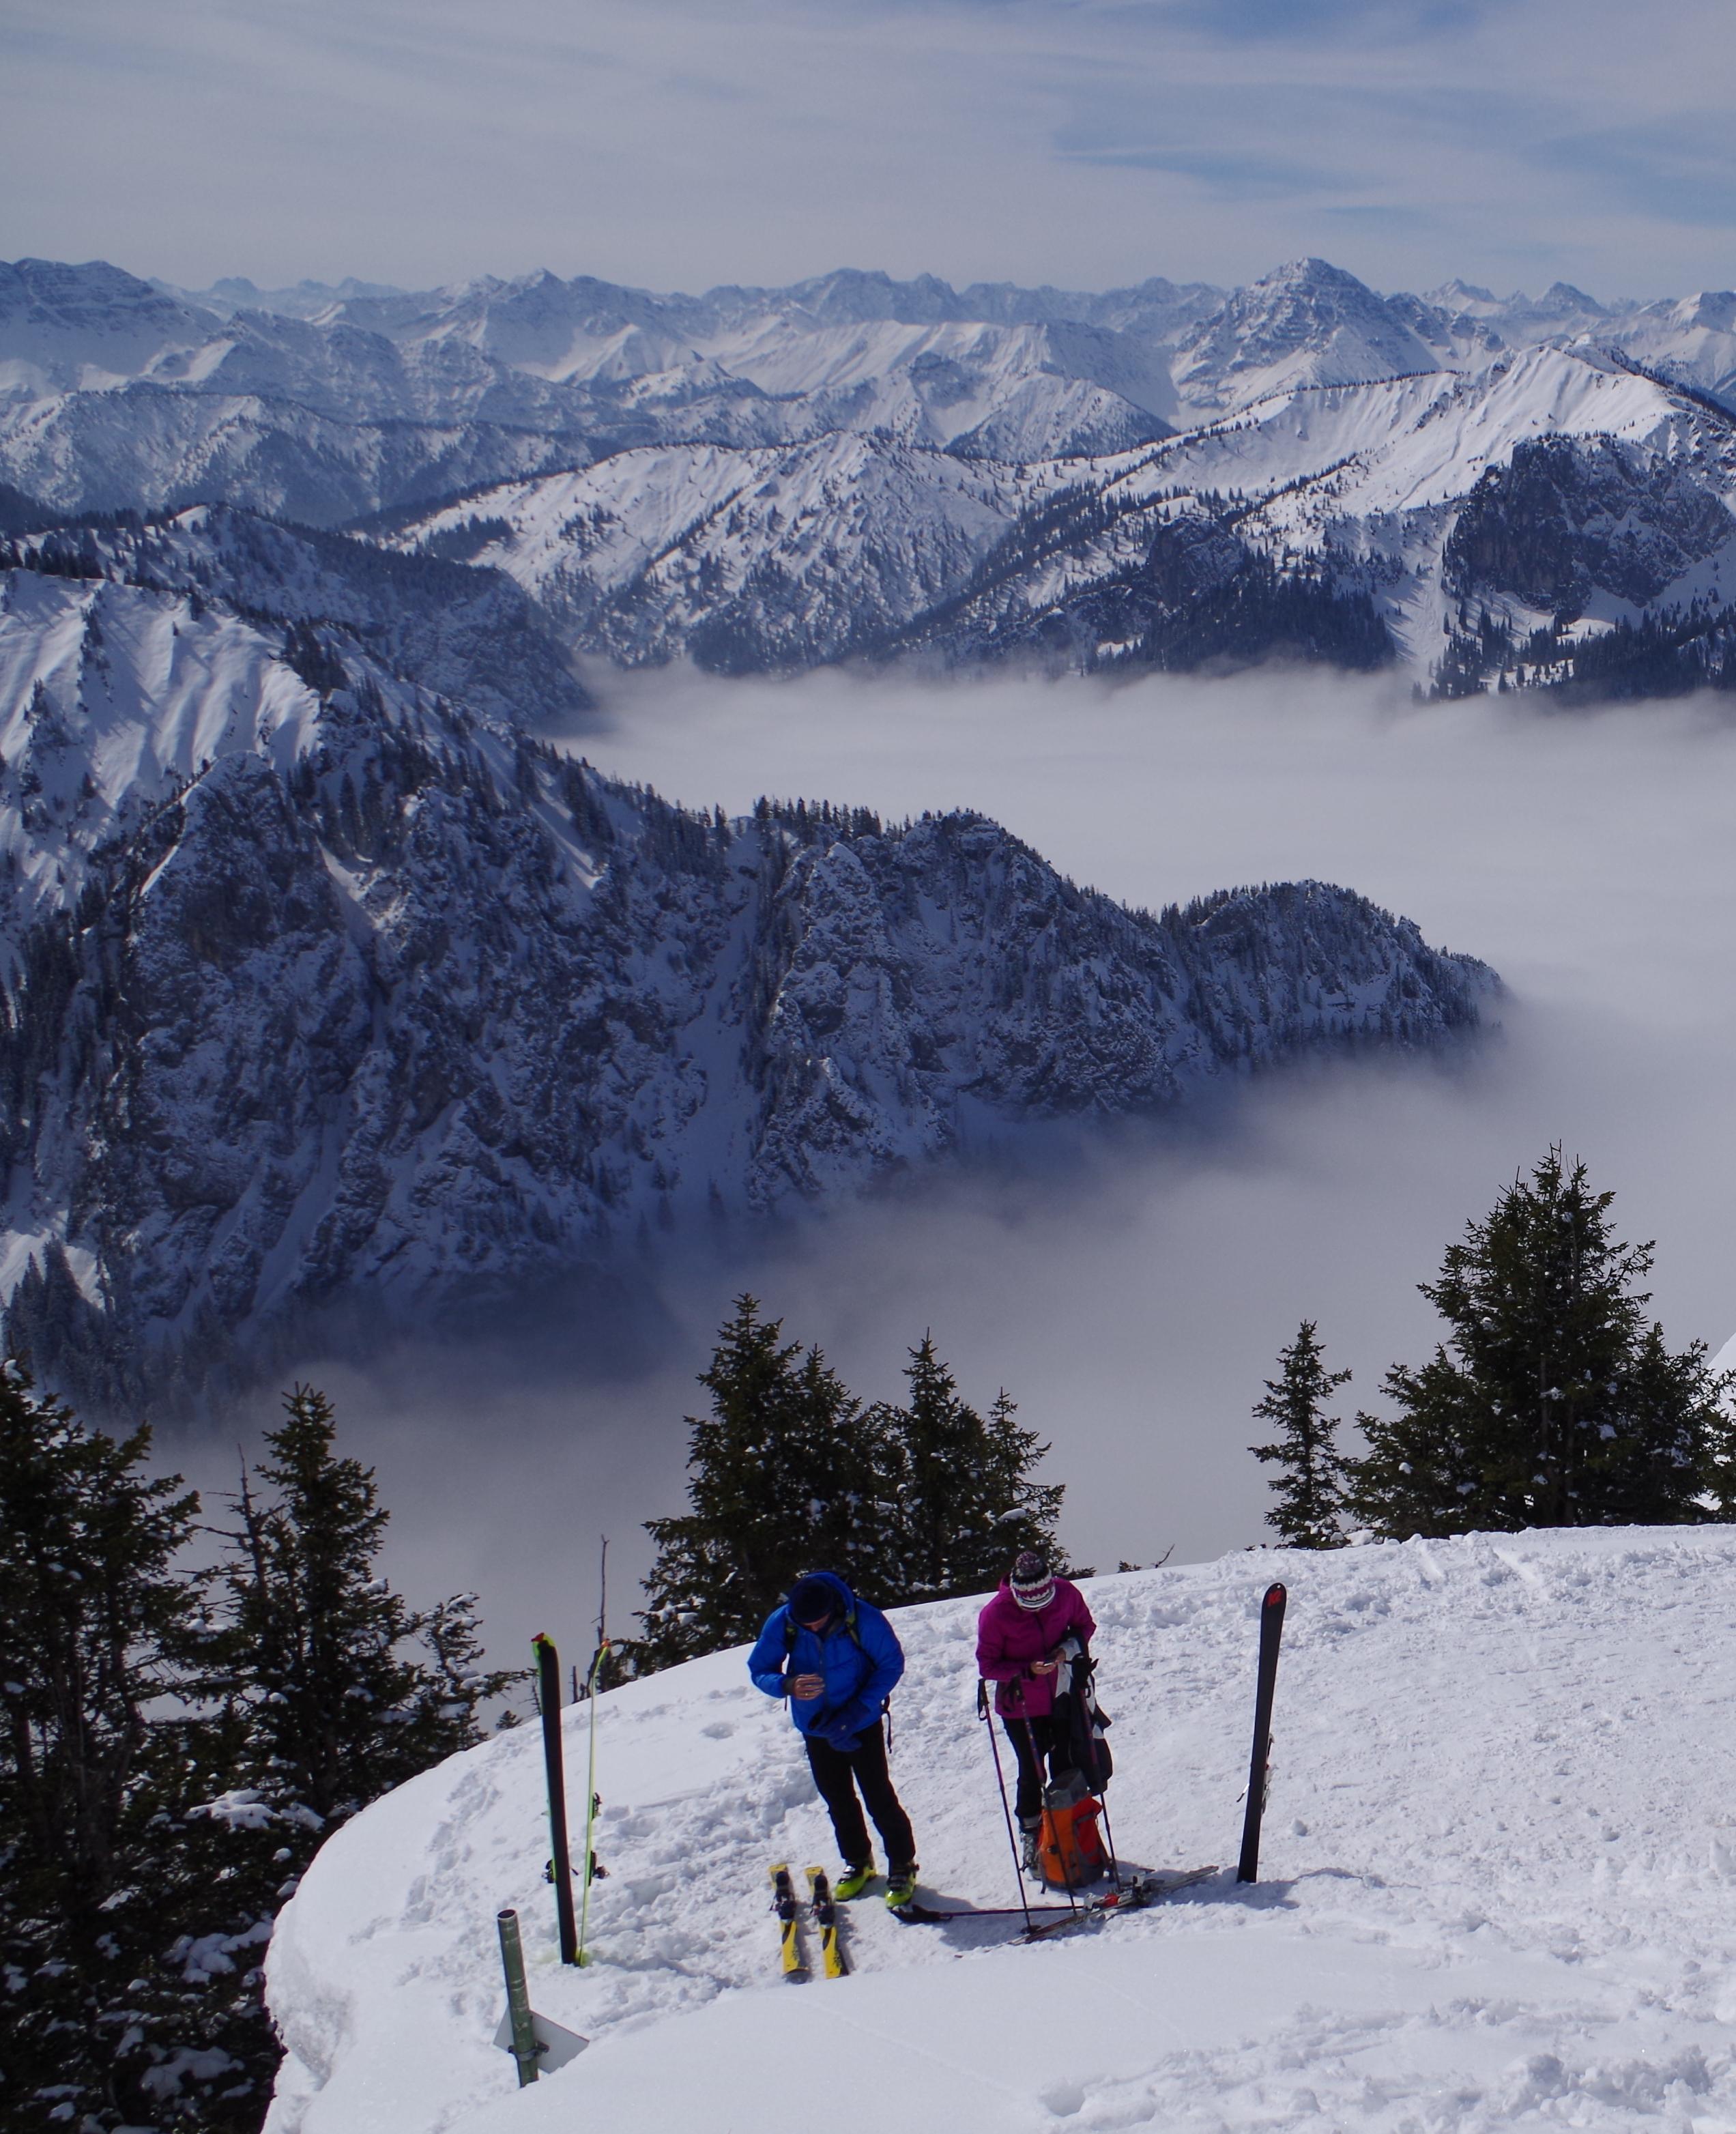 Bergwelt hautnah erleben